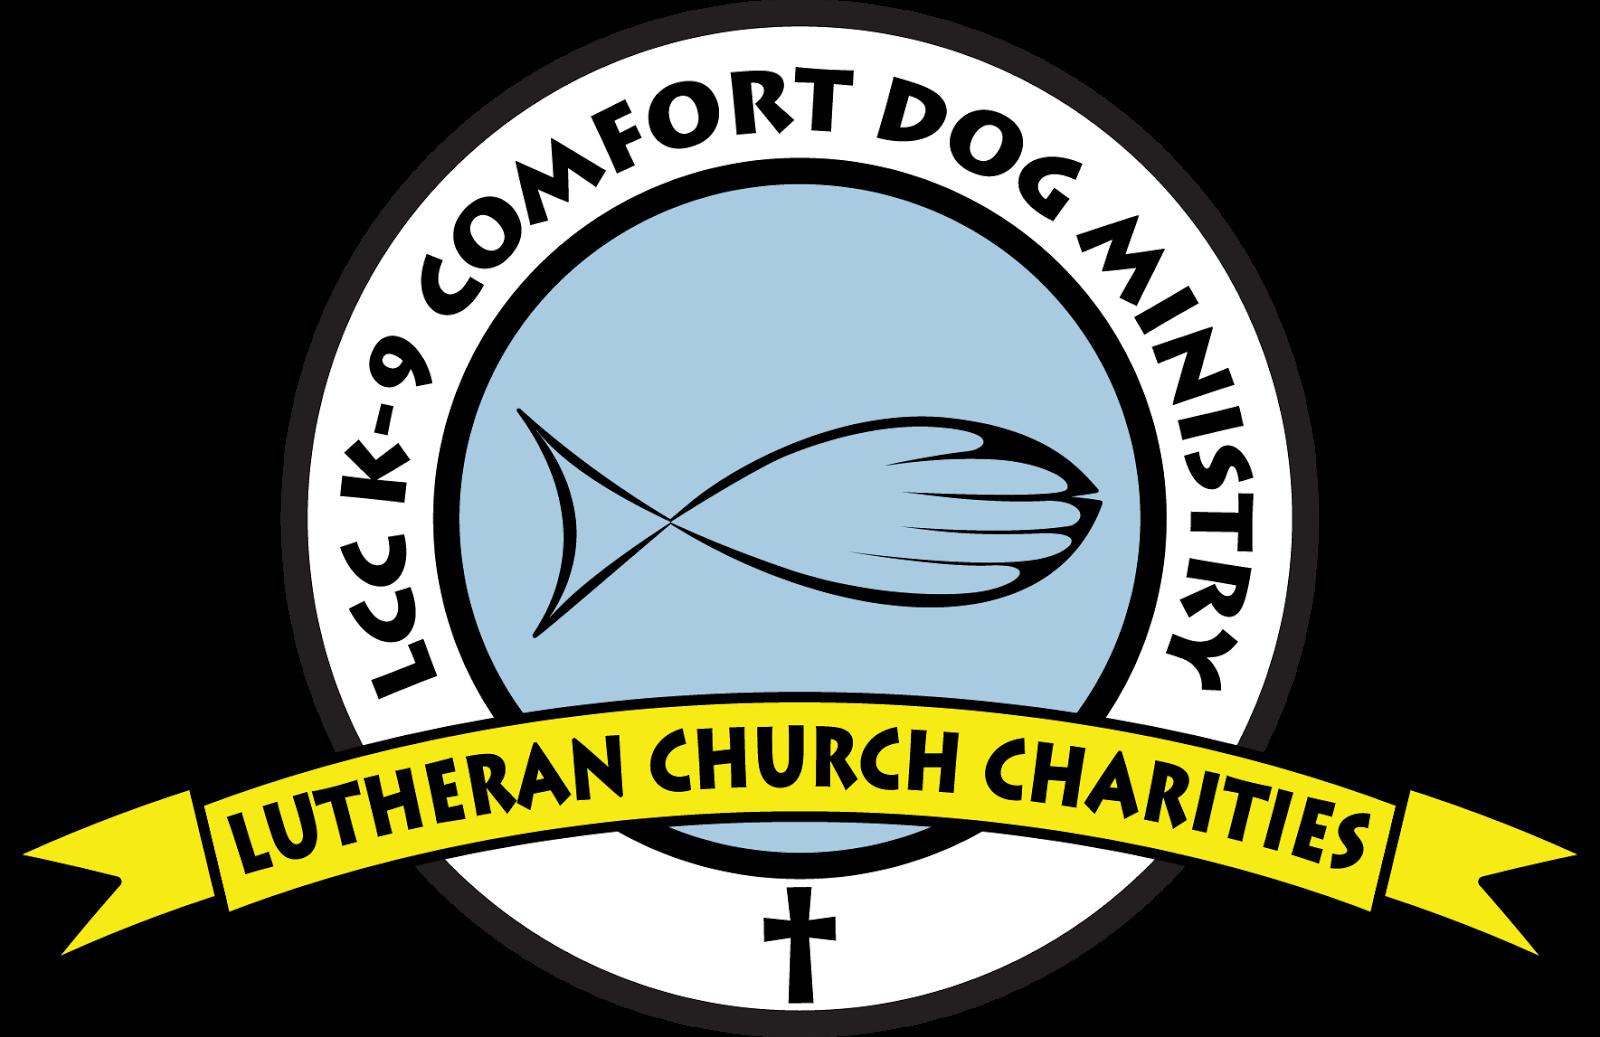 Golden Light Lutheran Church Charities K9 Comfort Dog